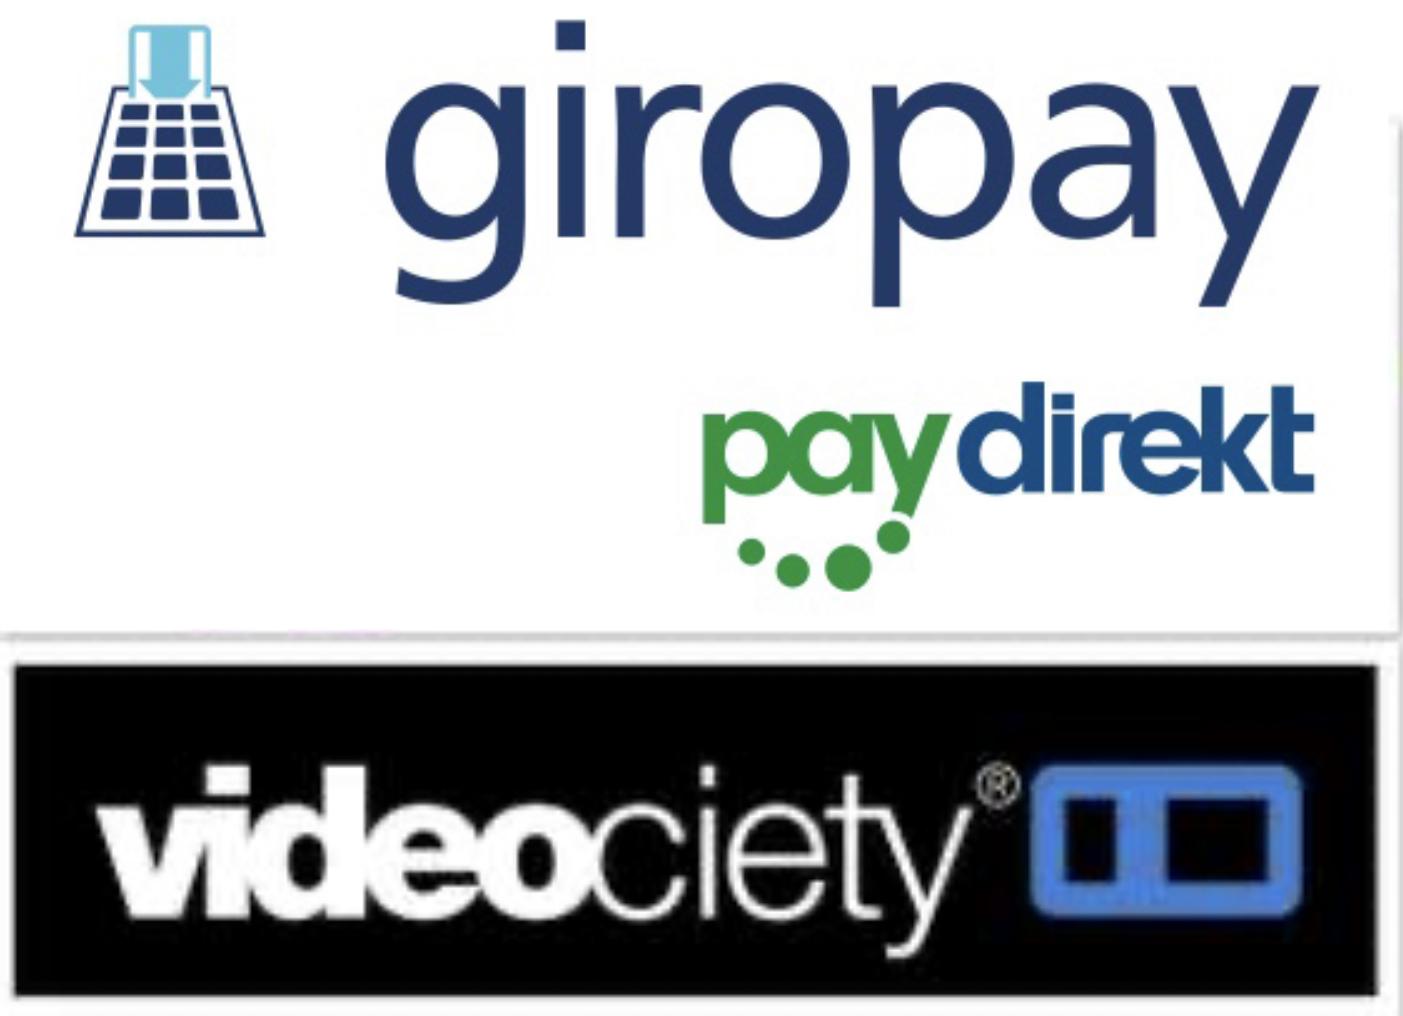 Online-Videothek videociety: 10€ aufladen + 10€ geschenkt mit Paydirekt / giropay